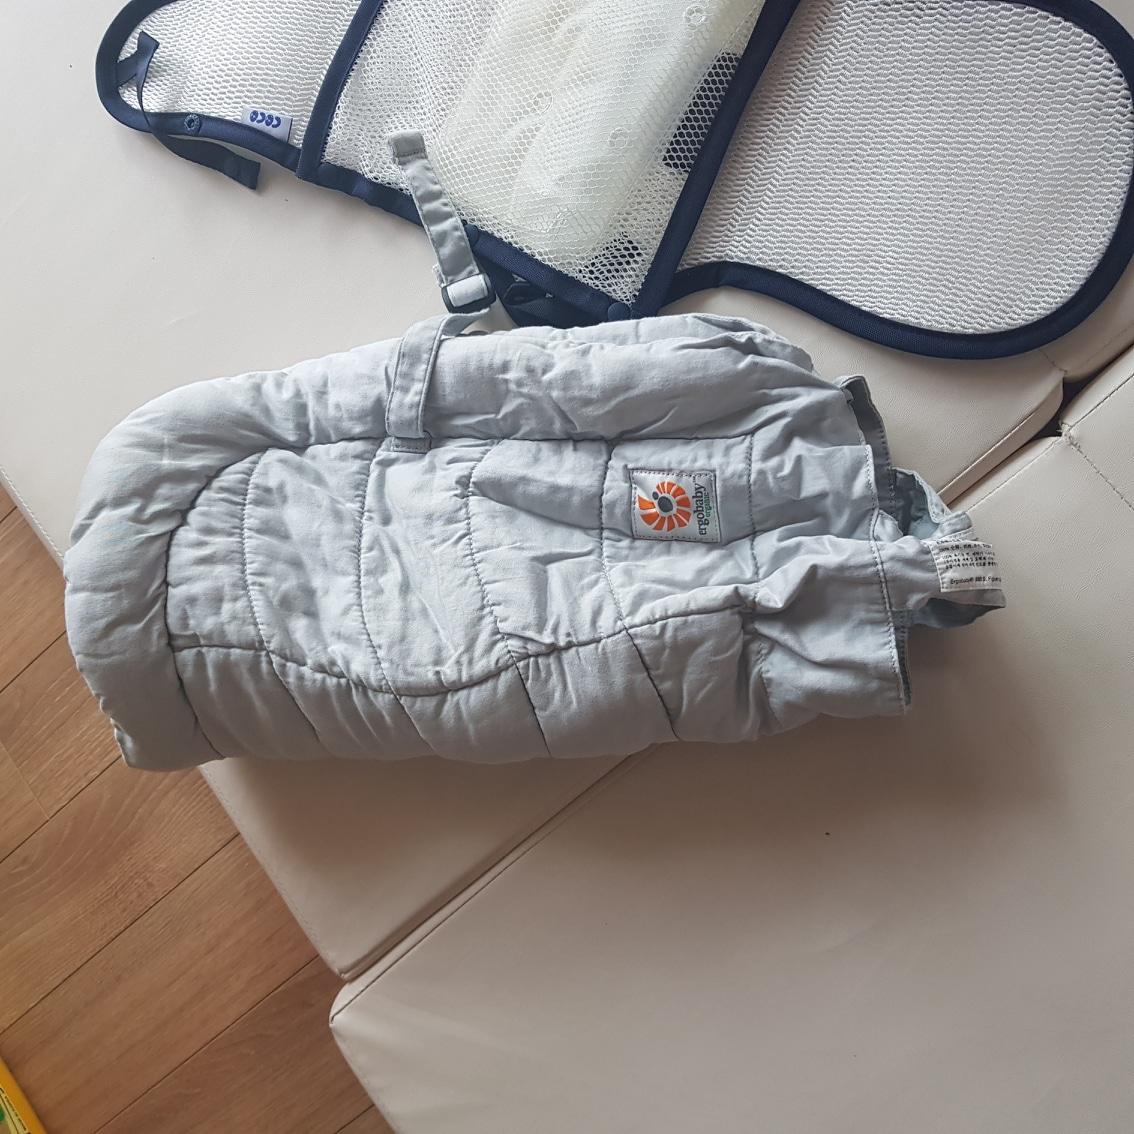 유모차 바람막기 (봄.가을.겨울).사고안썼어요.아기띠 바람막이.신생아기띠쿠션.여름시트.신생아목욕쿠션